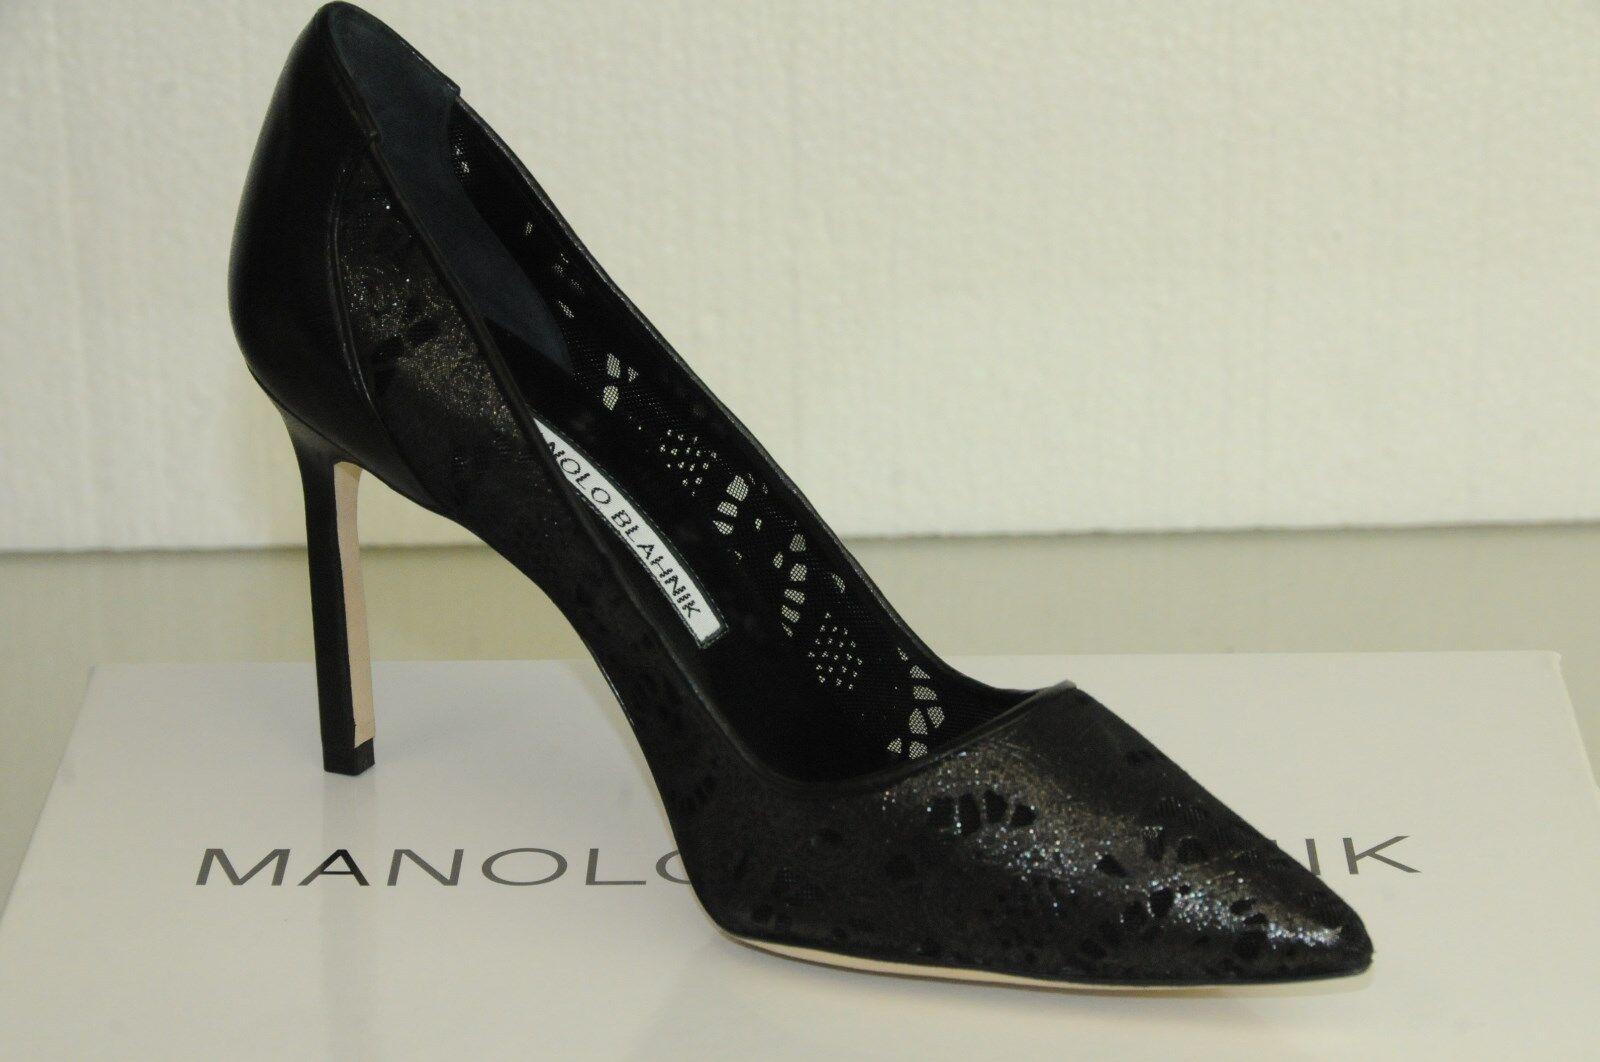 manolo blahnik bb 90 de nouvelles chaussures de cuir 36,5 noir à la découpe au laser dentelle 36,5 cuir 37 39 056828